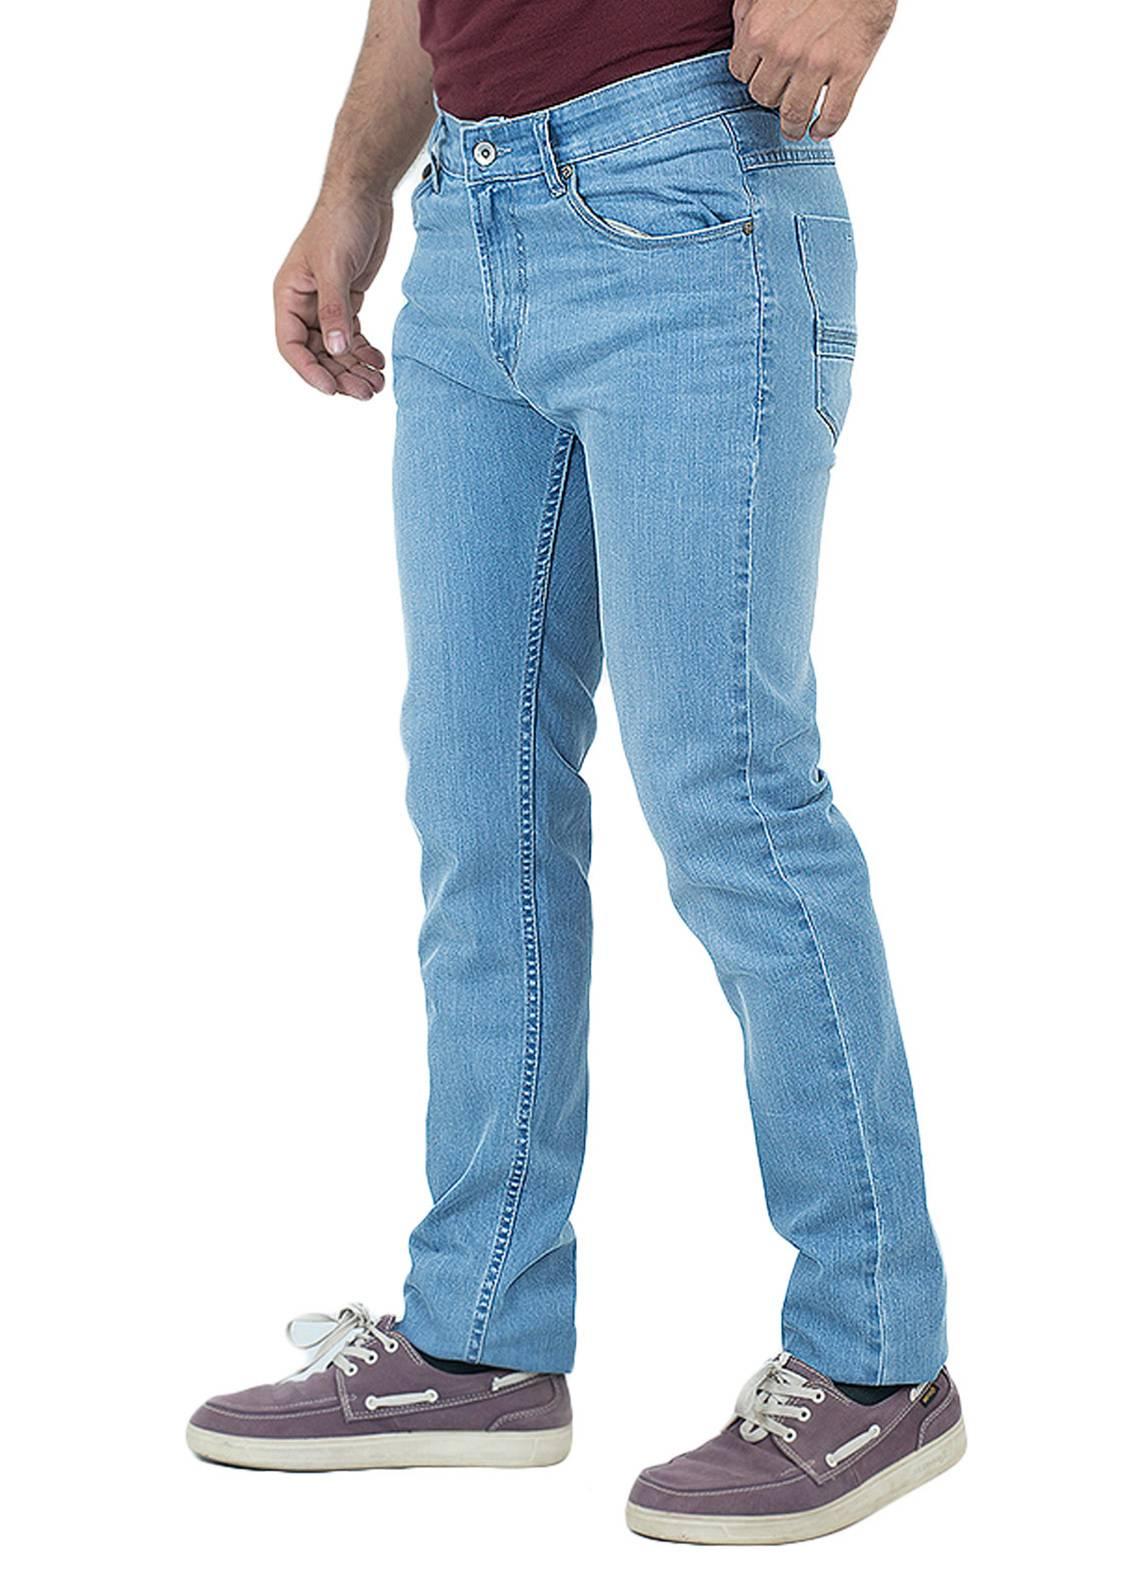 Shahzeb Saeed Denim Casual Men Jeans - Blue DNM-98